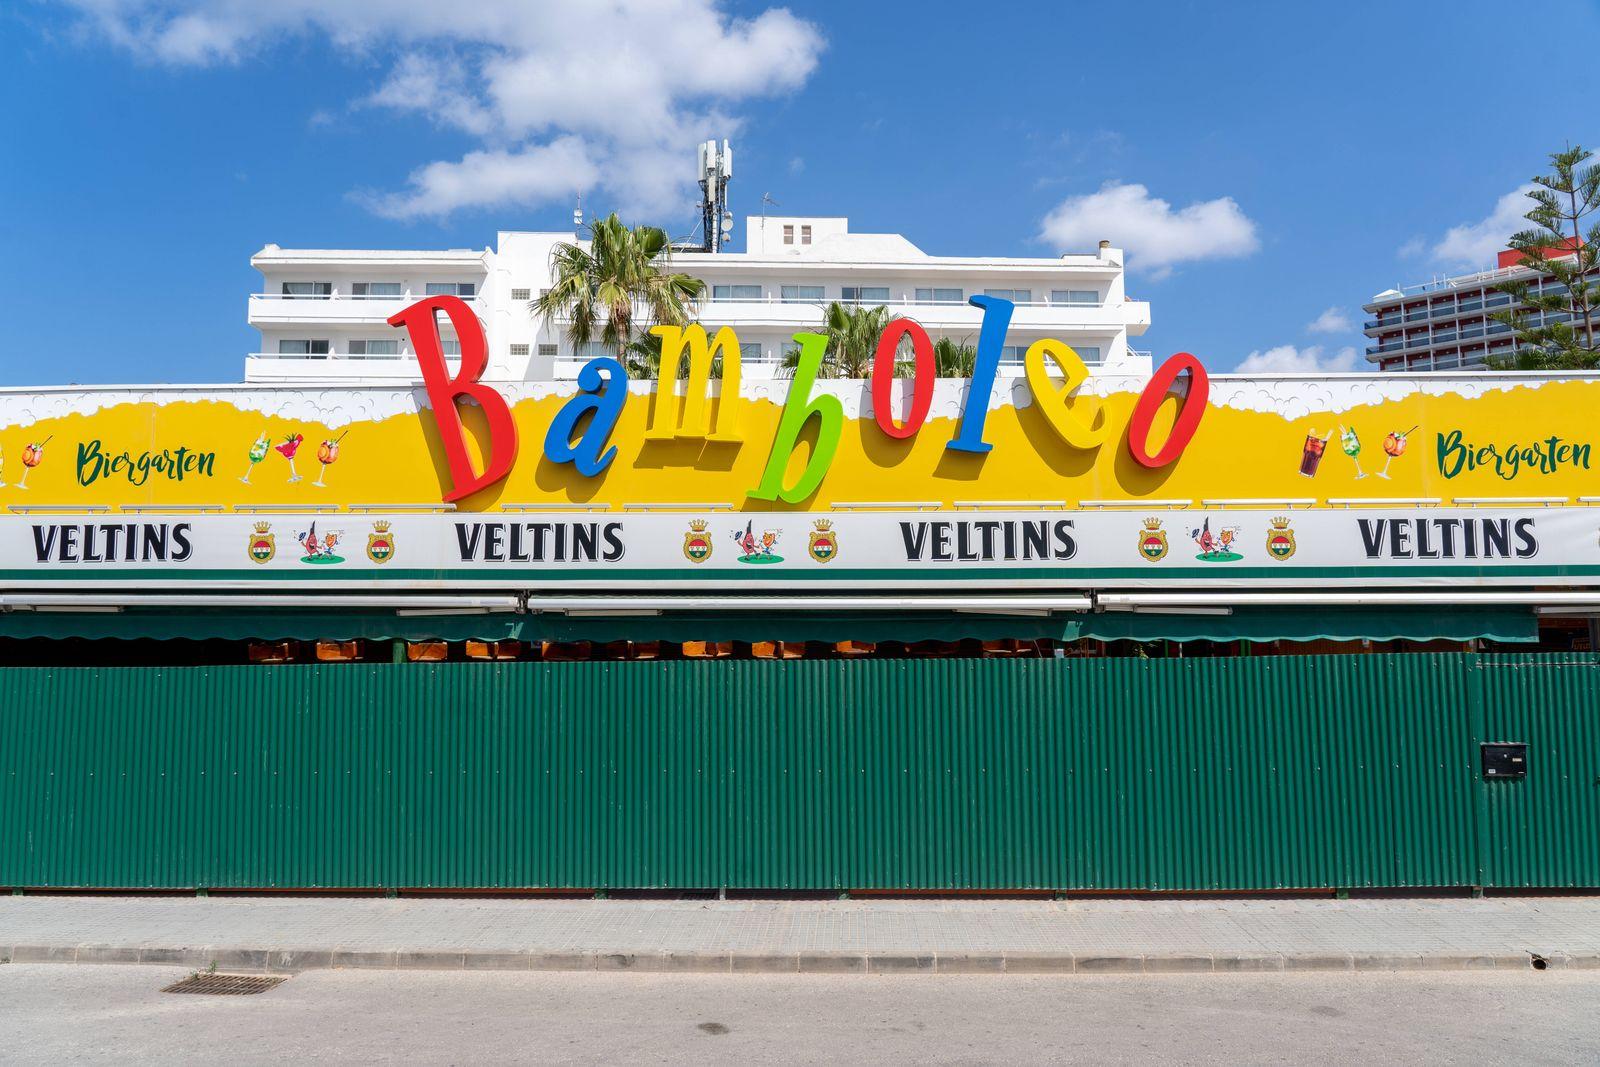 Nach dem Corona-Shutdown - Vor dem Neustart des Tourismus auf Mallorca Spanien Szenen aus Playa de Palma - Bar Bambolero